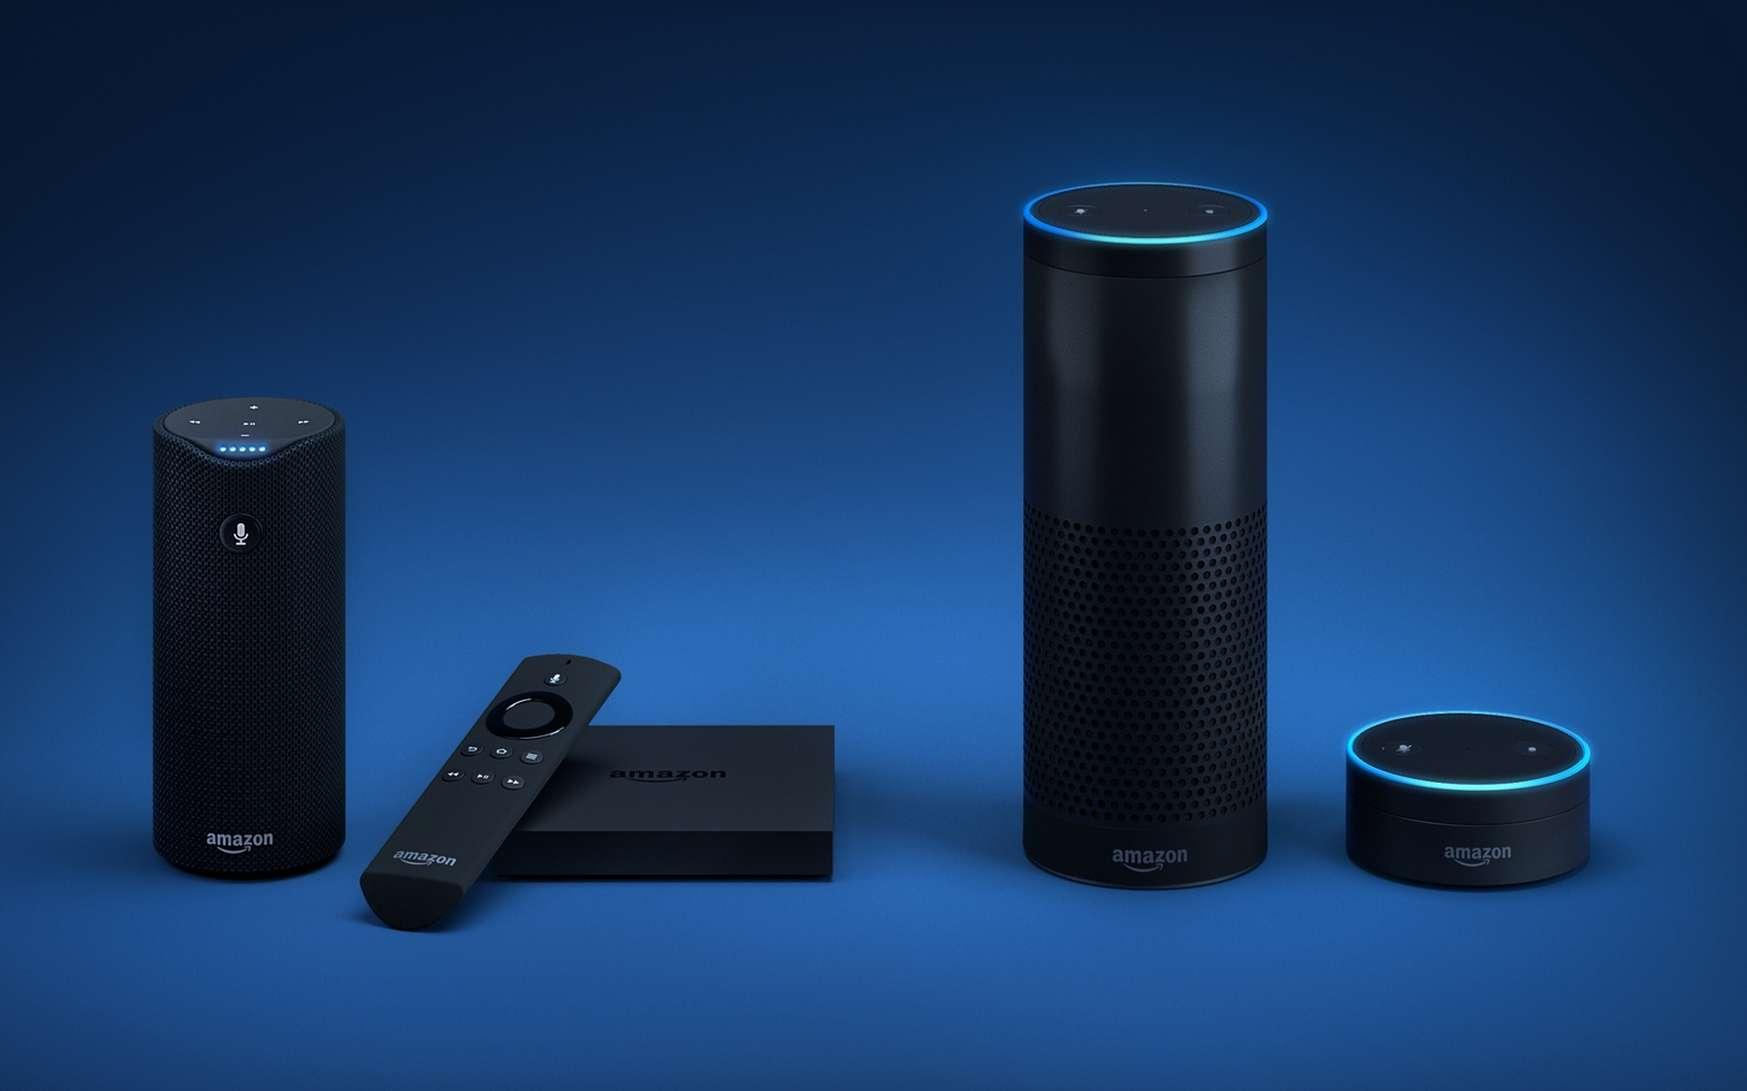 L'assistant d'Amazon peut désormais partager sa joie. © Amazon